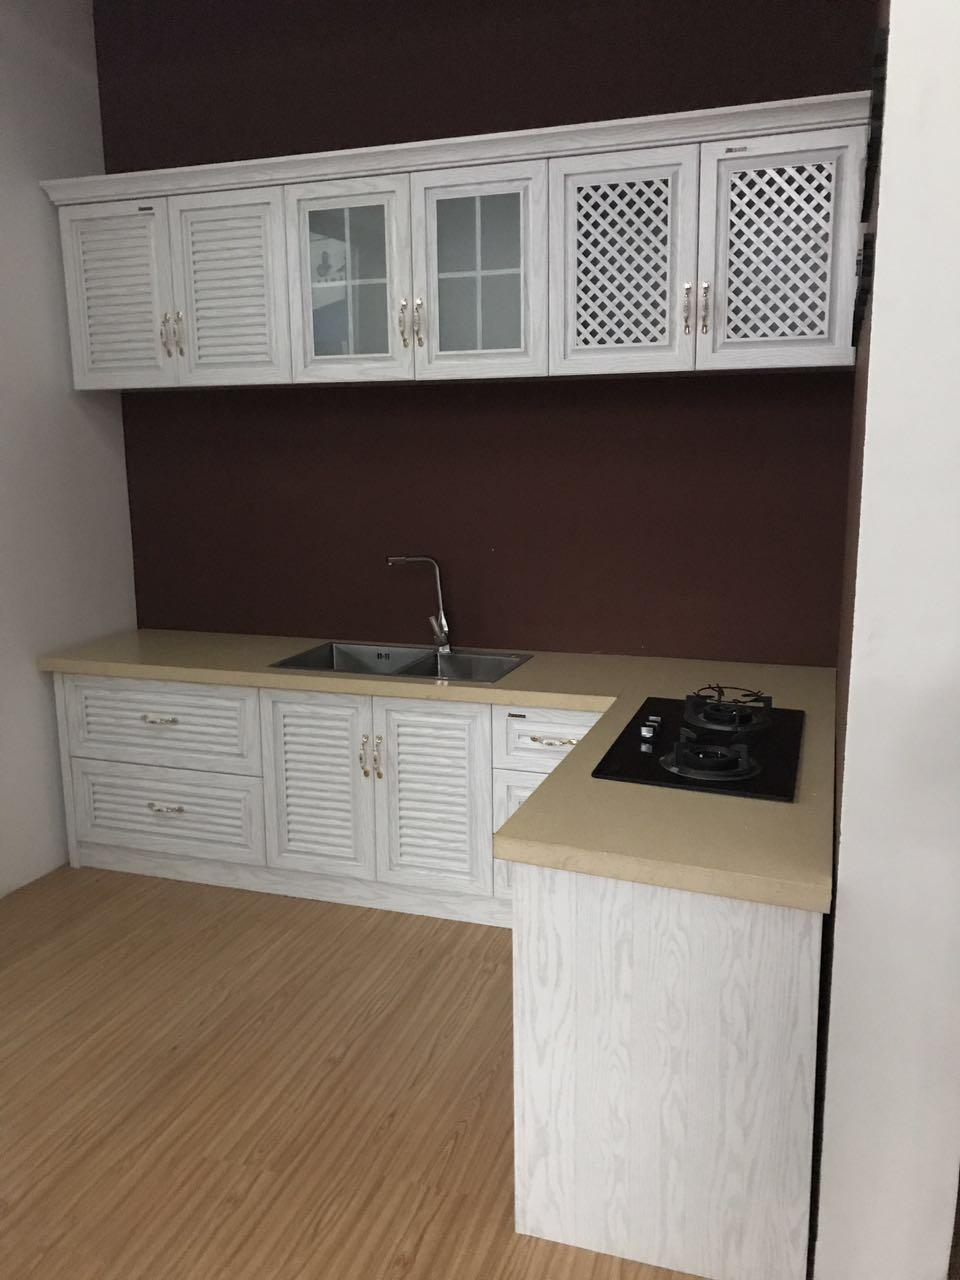 金铝尚品整体家居提供的定制全铝橱柜服务-上海全铝橱柜生产厂家